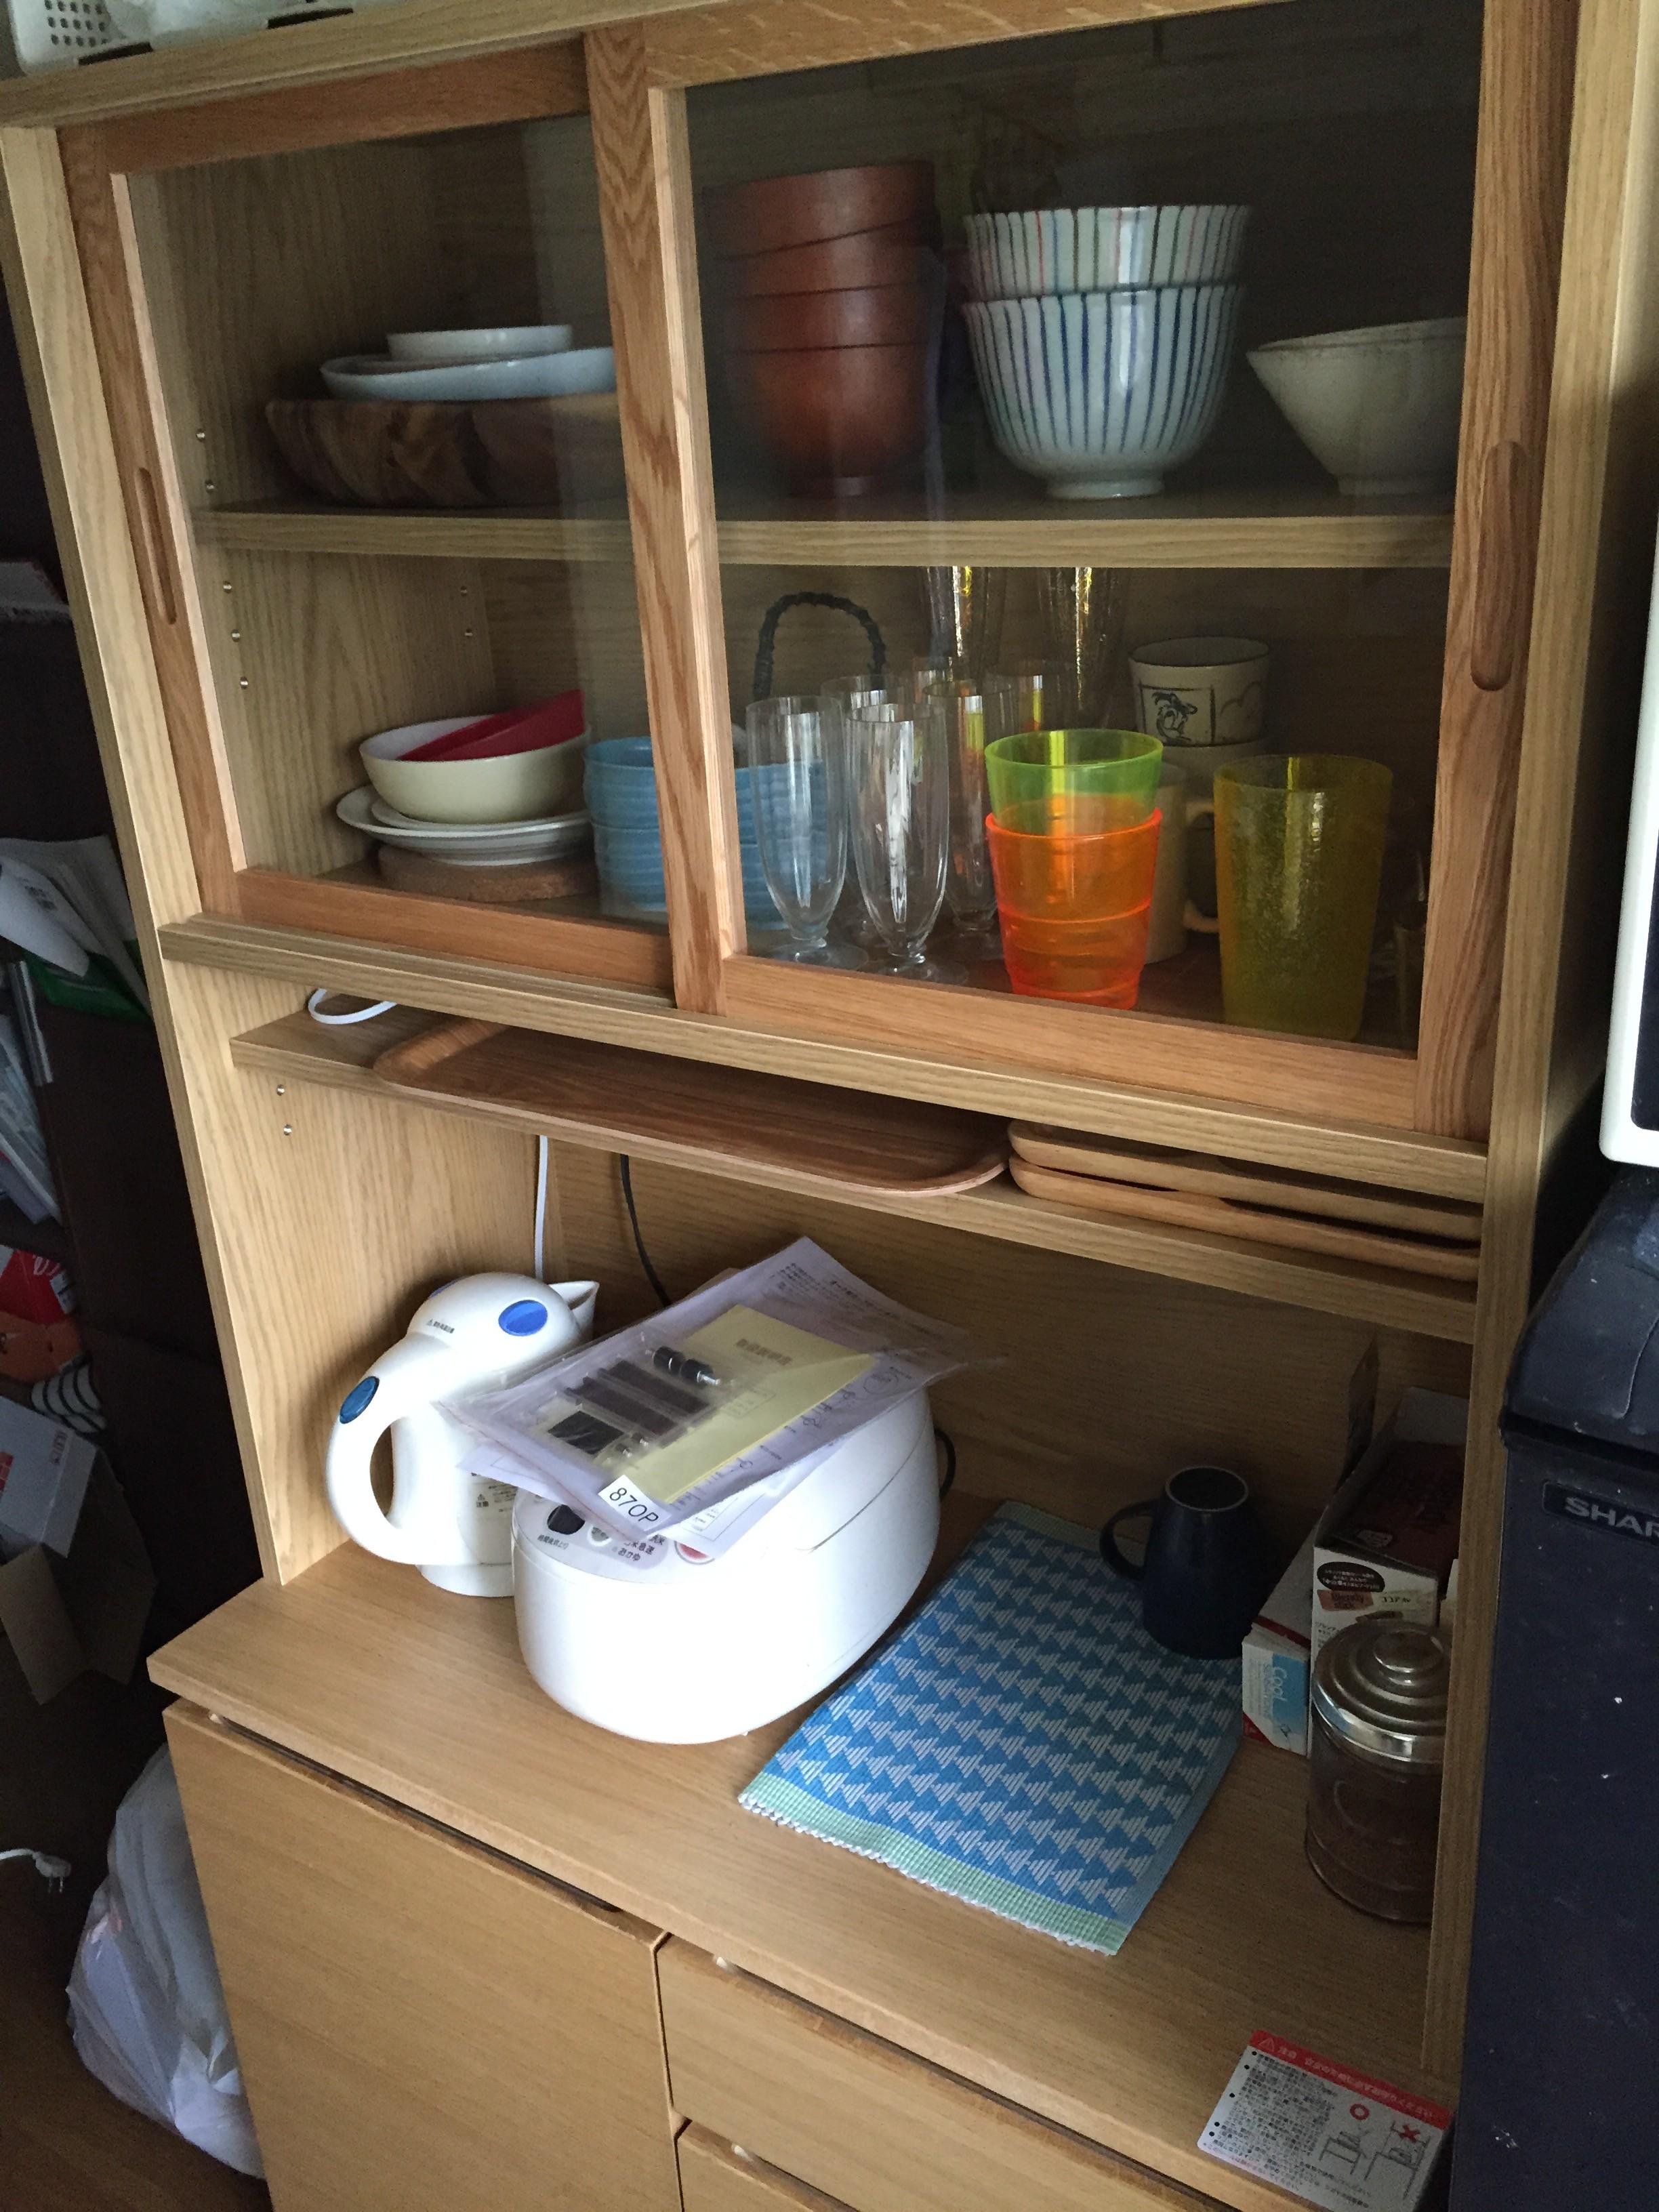 【美品】 無印良品 オーク材 カップボード 食器棚 参考新品価格: